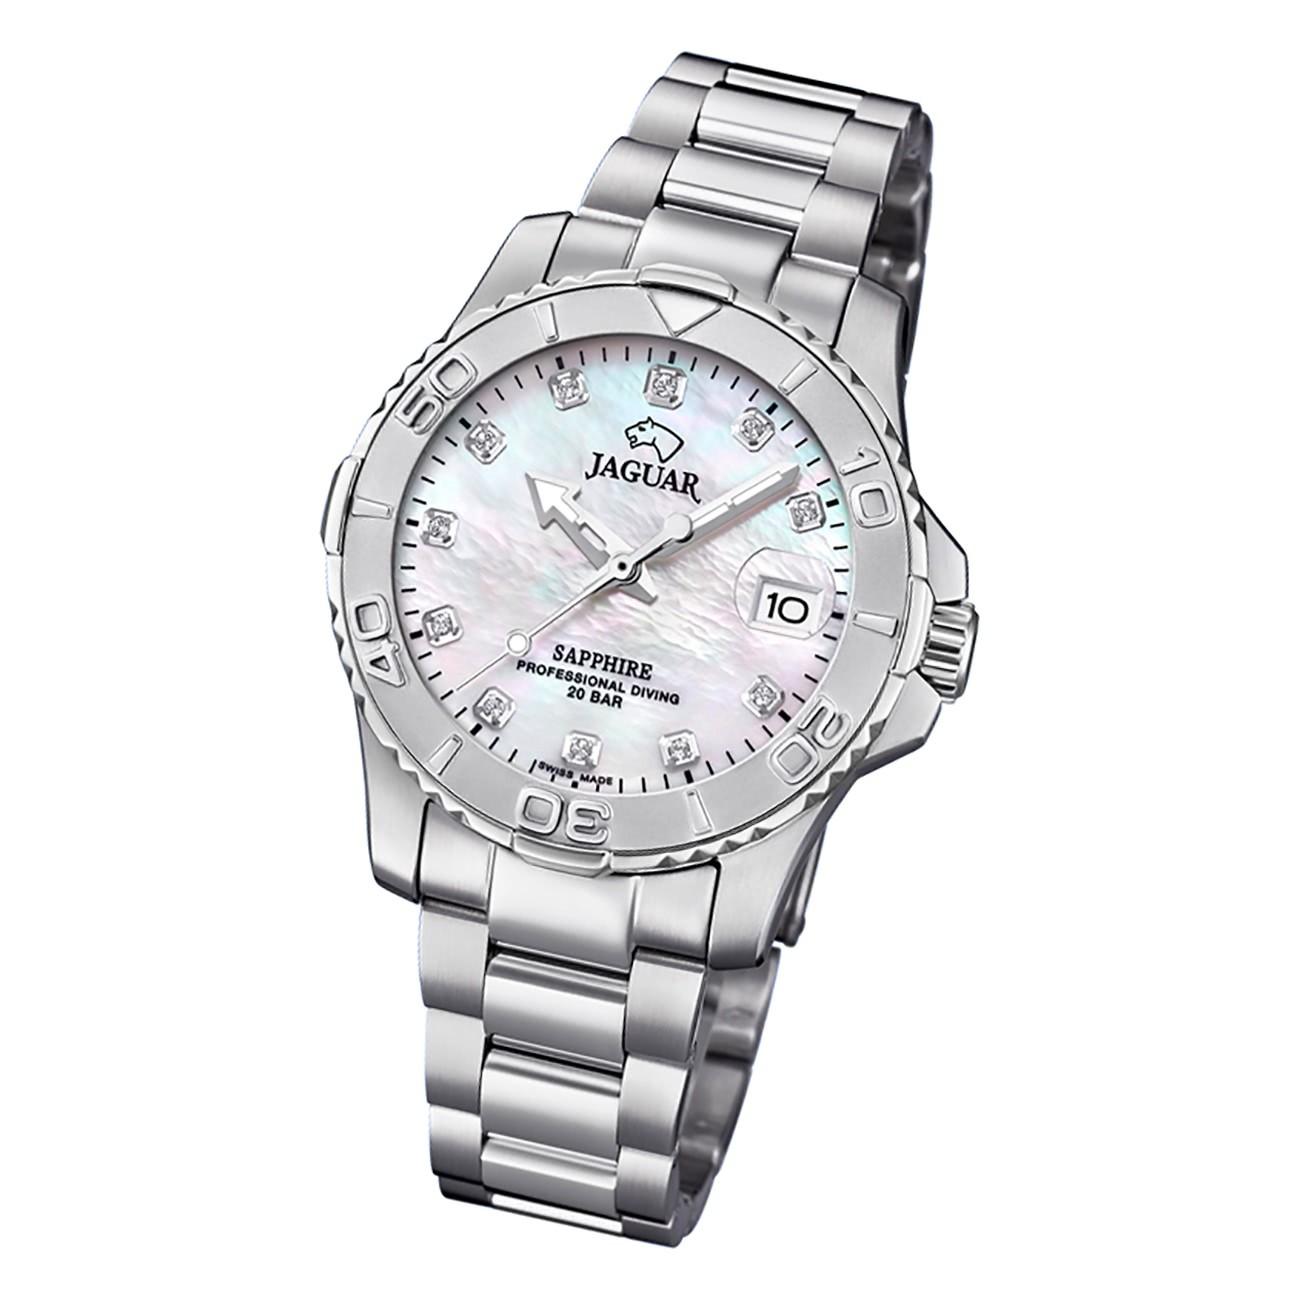 Jaguar Damen Armbanduhr Cosmopolitan J870/1 Analog Edelstahl silber UJ870/1